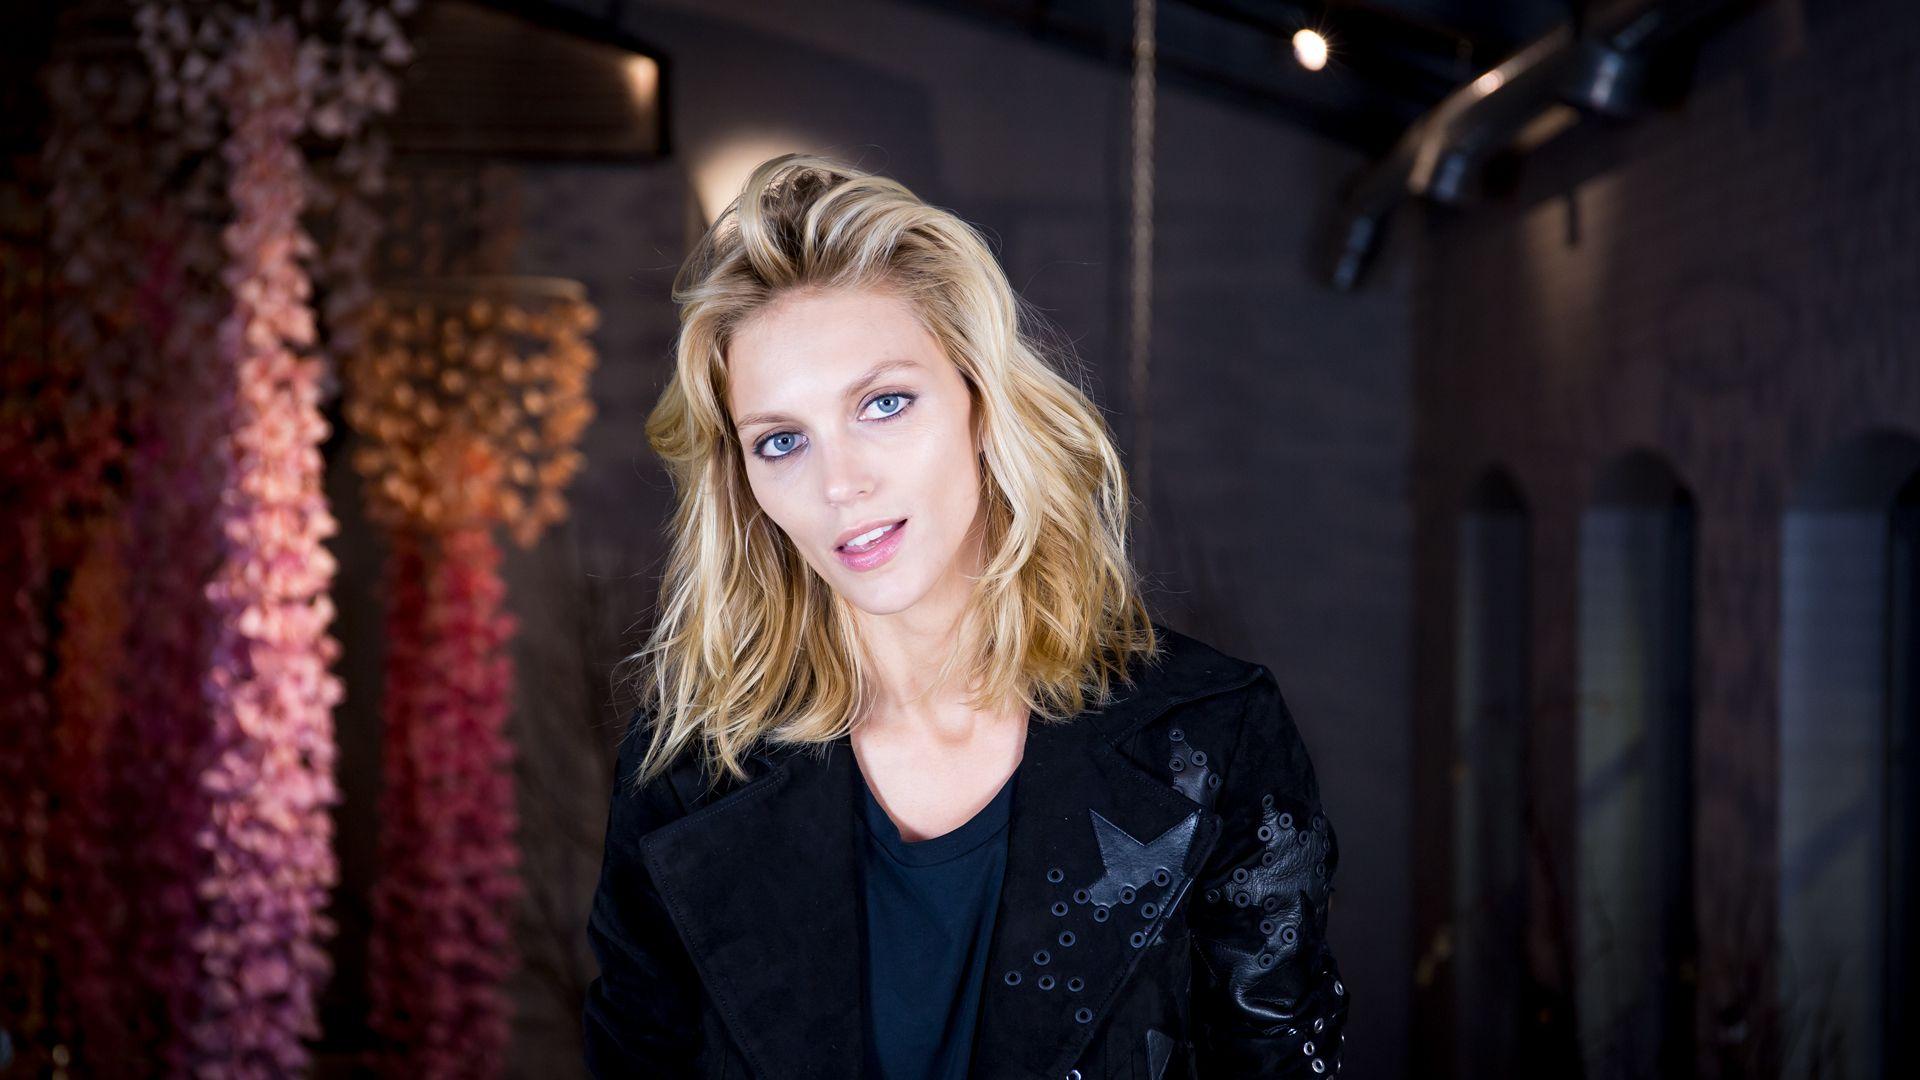 Aukcje Wosp Na Allegro Co Mozna Wylicytowac Anja Rubik Fashion News Fashion